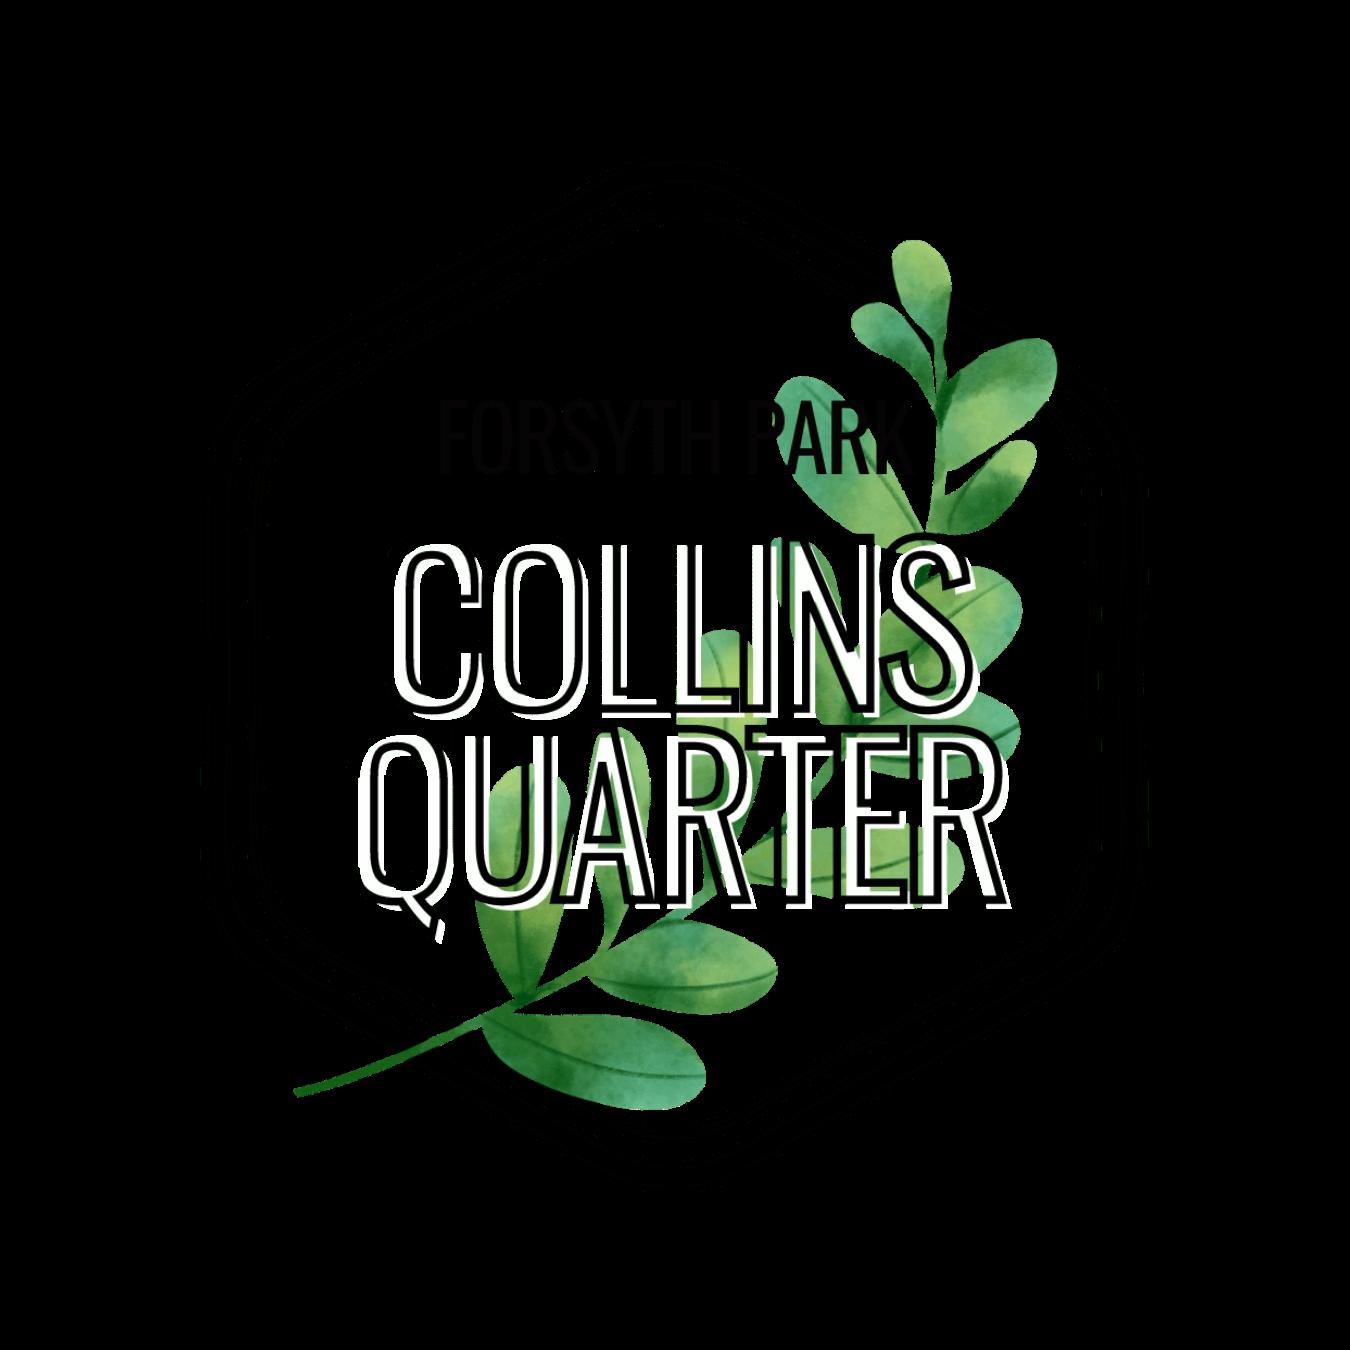 collins quarter at forsyth logo